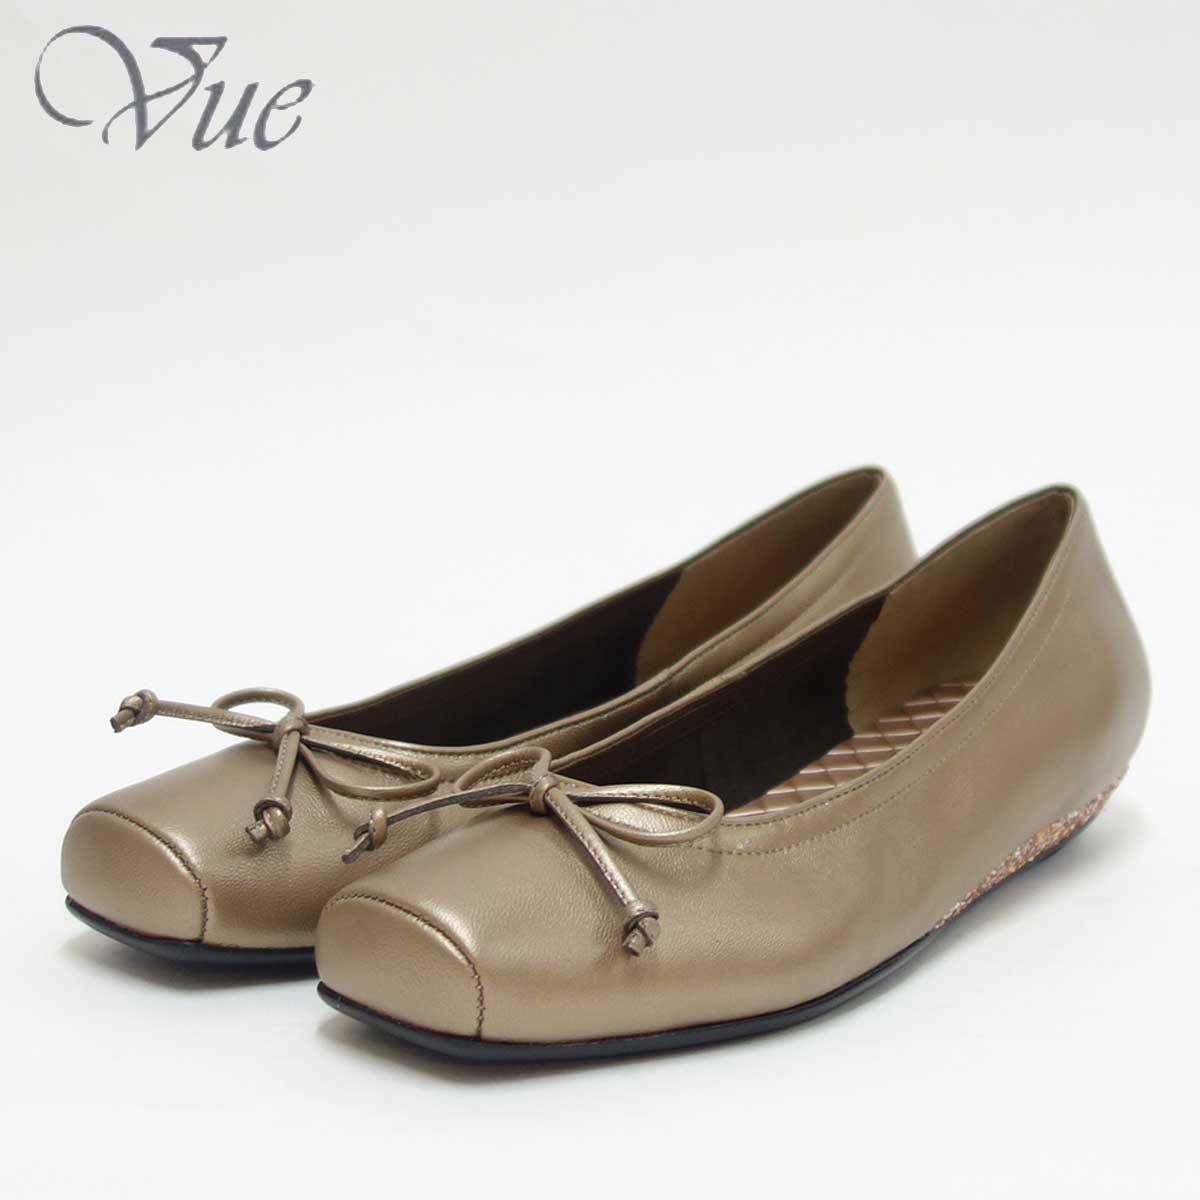 Vue ビュー EIZO Collection 11594 ダークオーク快適フィットのバレエシューズ「靴」